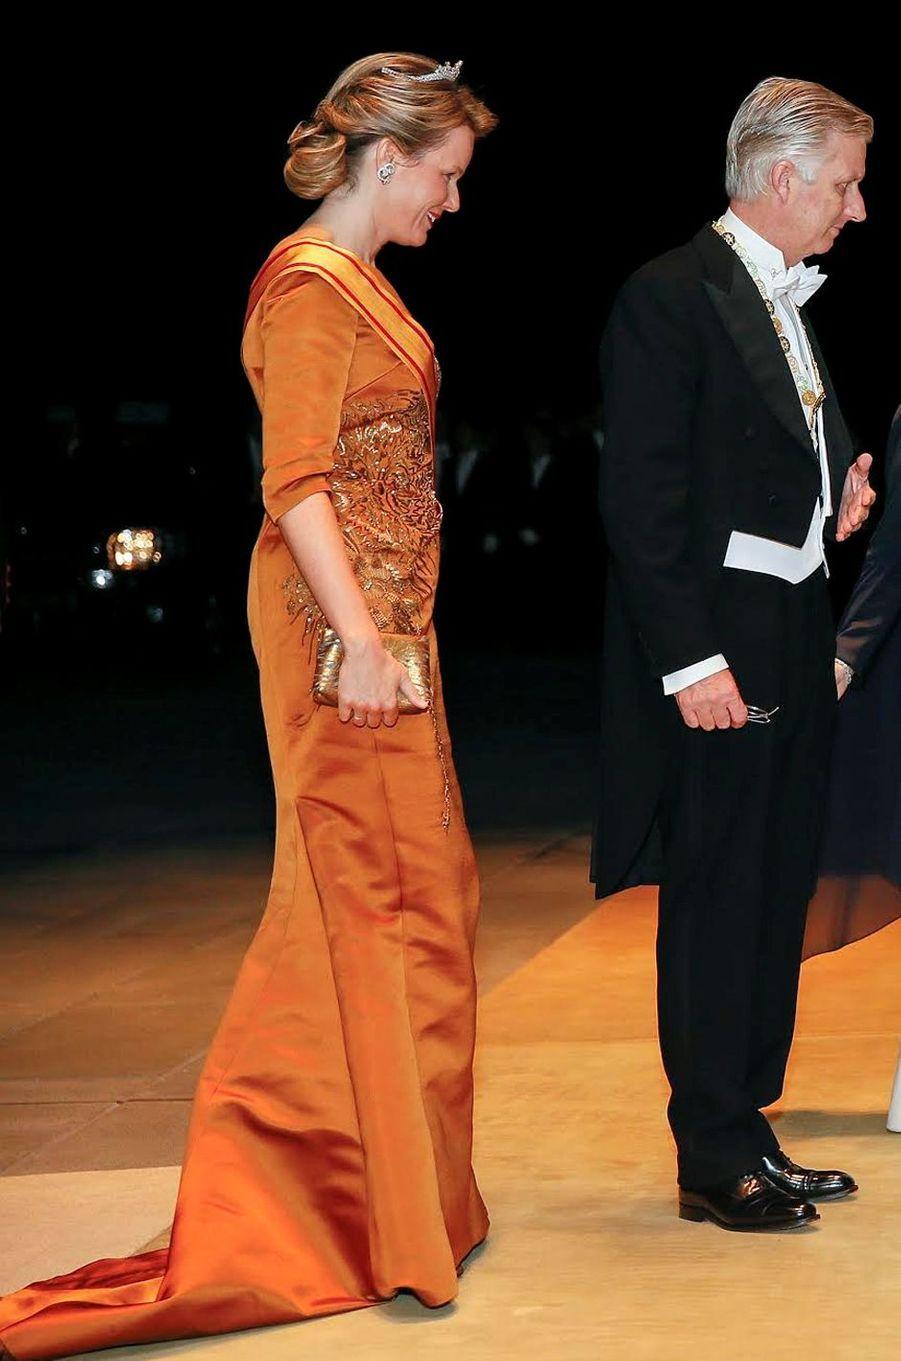 La reine Mathilde de Belgique au Japon, le 11 octobre 2016